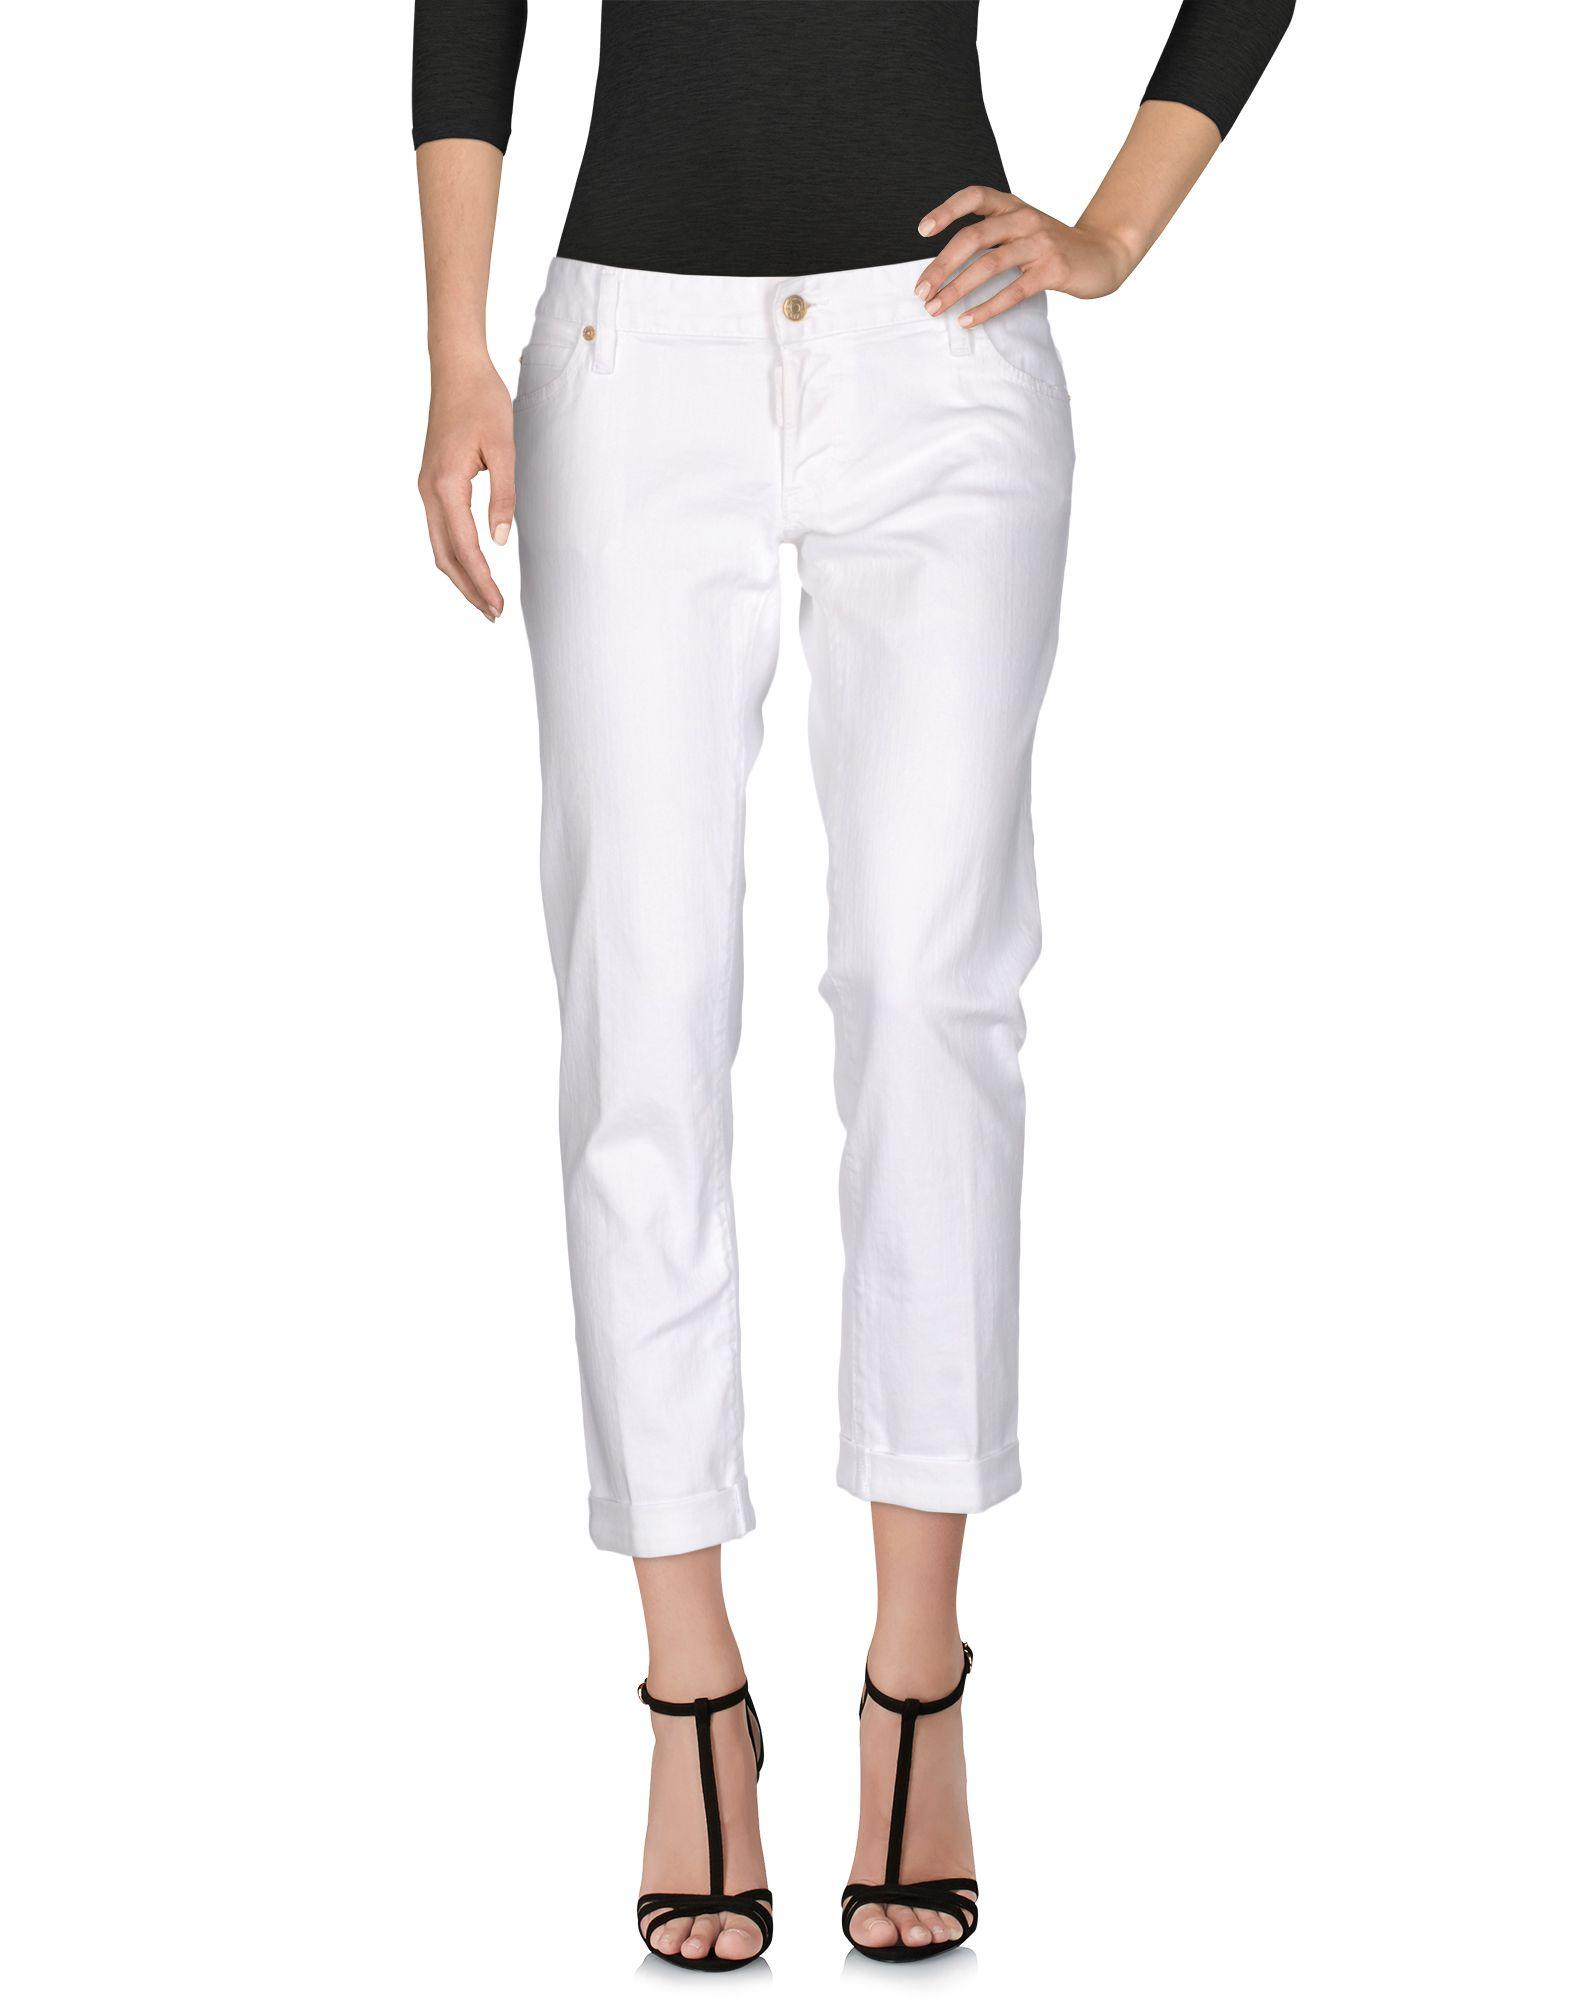 DSQUARED2 Damen Jeanshose Farbe Weiß Größe 6 jetztbilligerkaufen